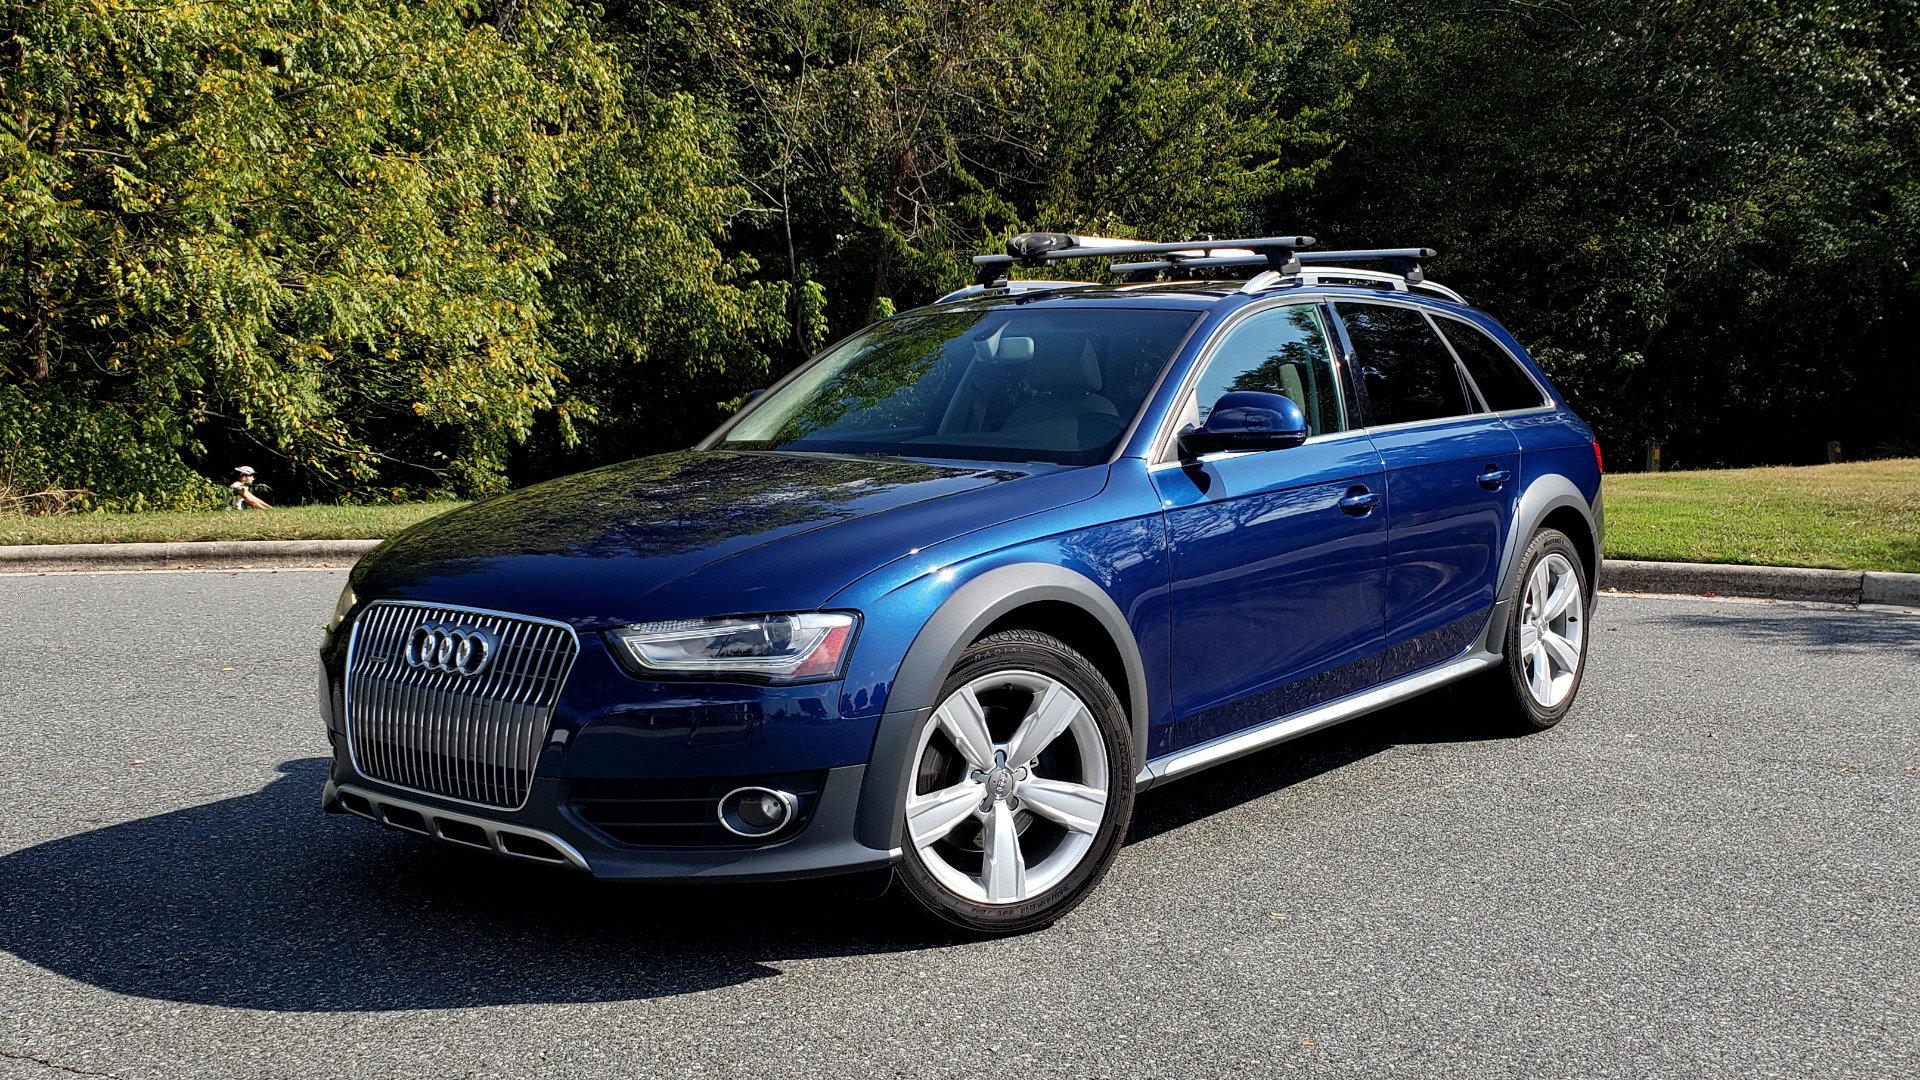 2015 Audi allroad Premium image